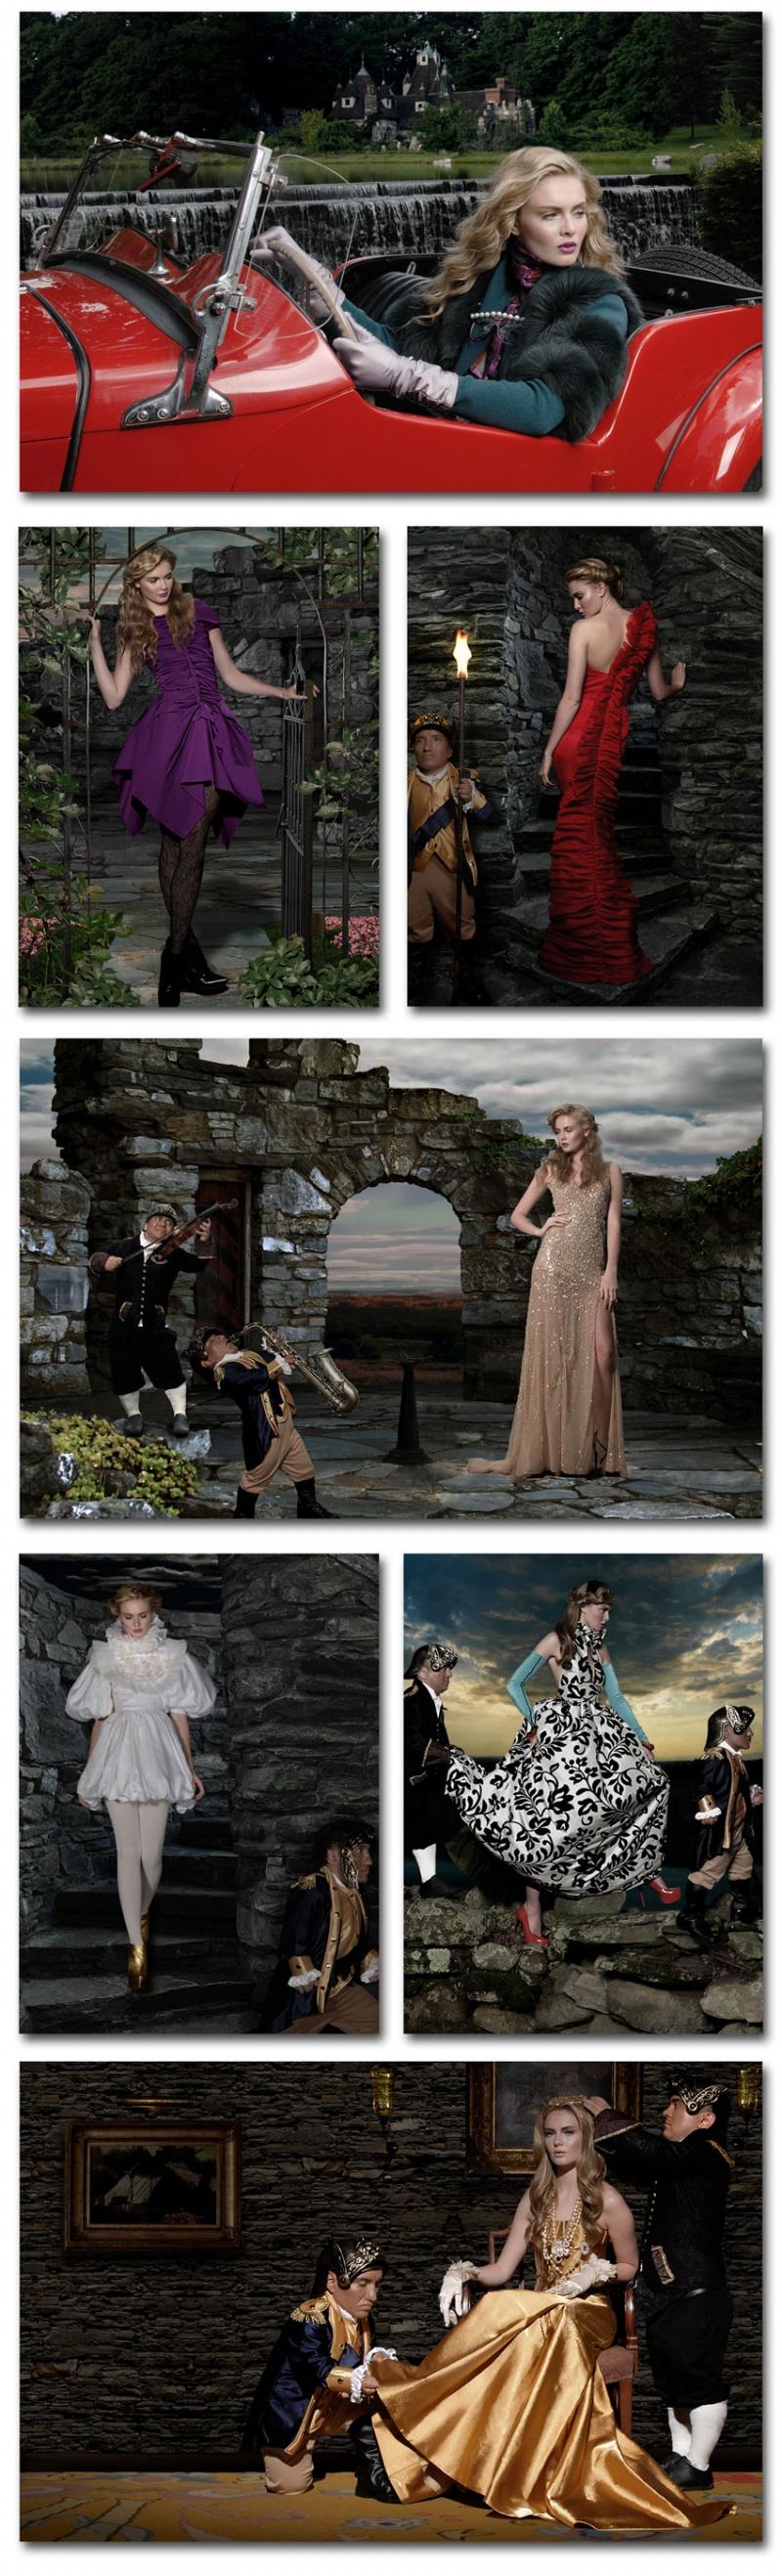 Millbrook NY Oct 01, 2009 Philip Valende Royal Fantasy -Styling: Alisha Crutchfield. MUA: Theresa Francine, HAIR. Leo Eley